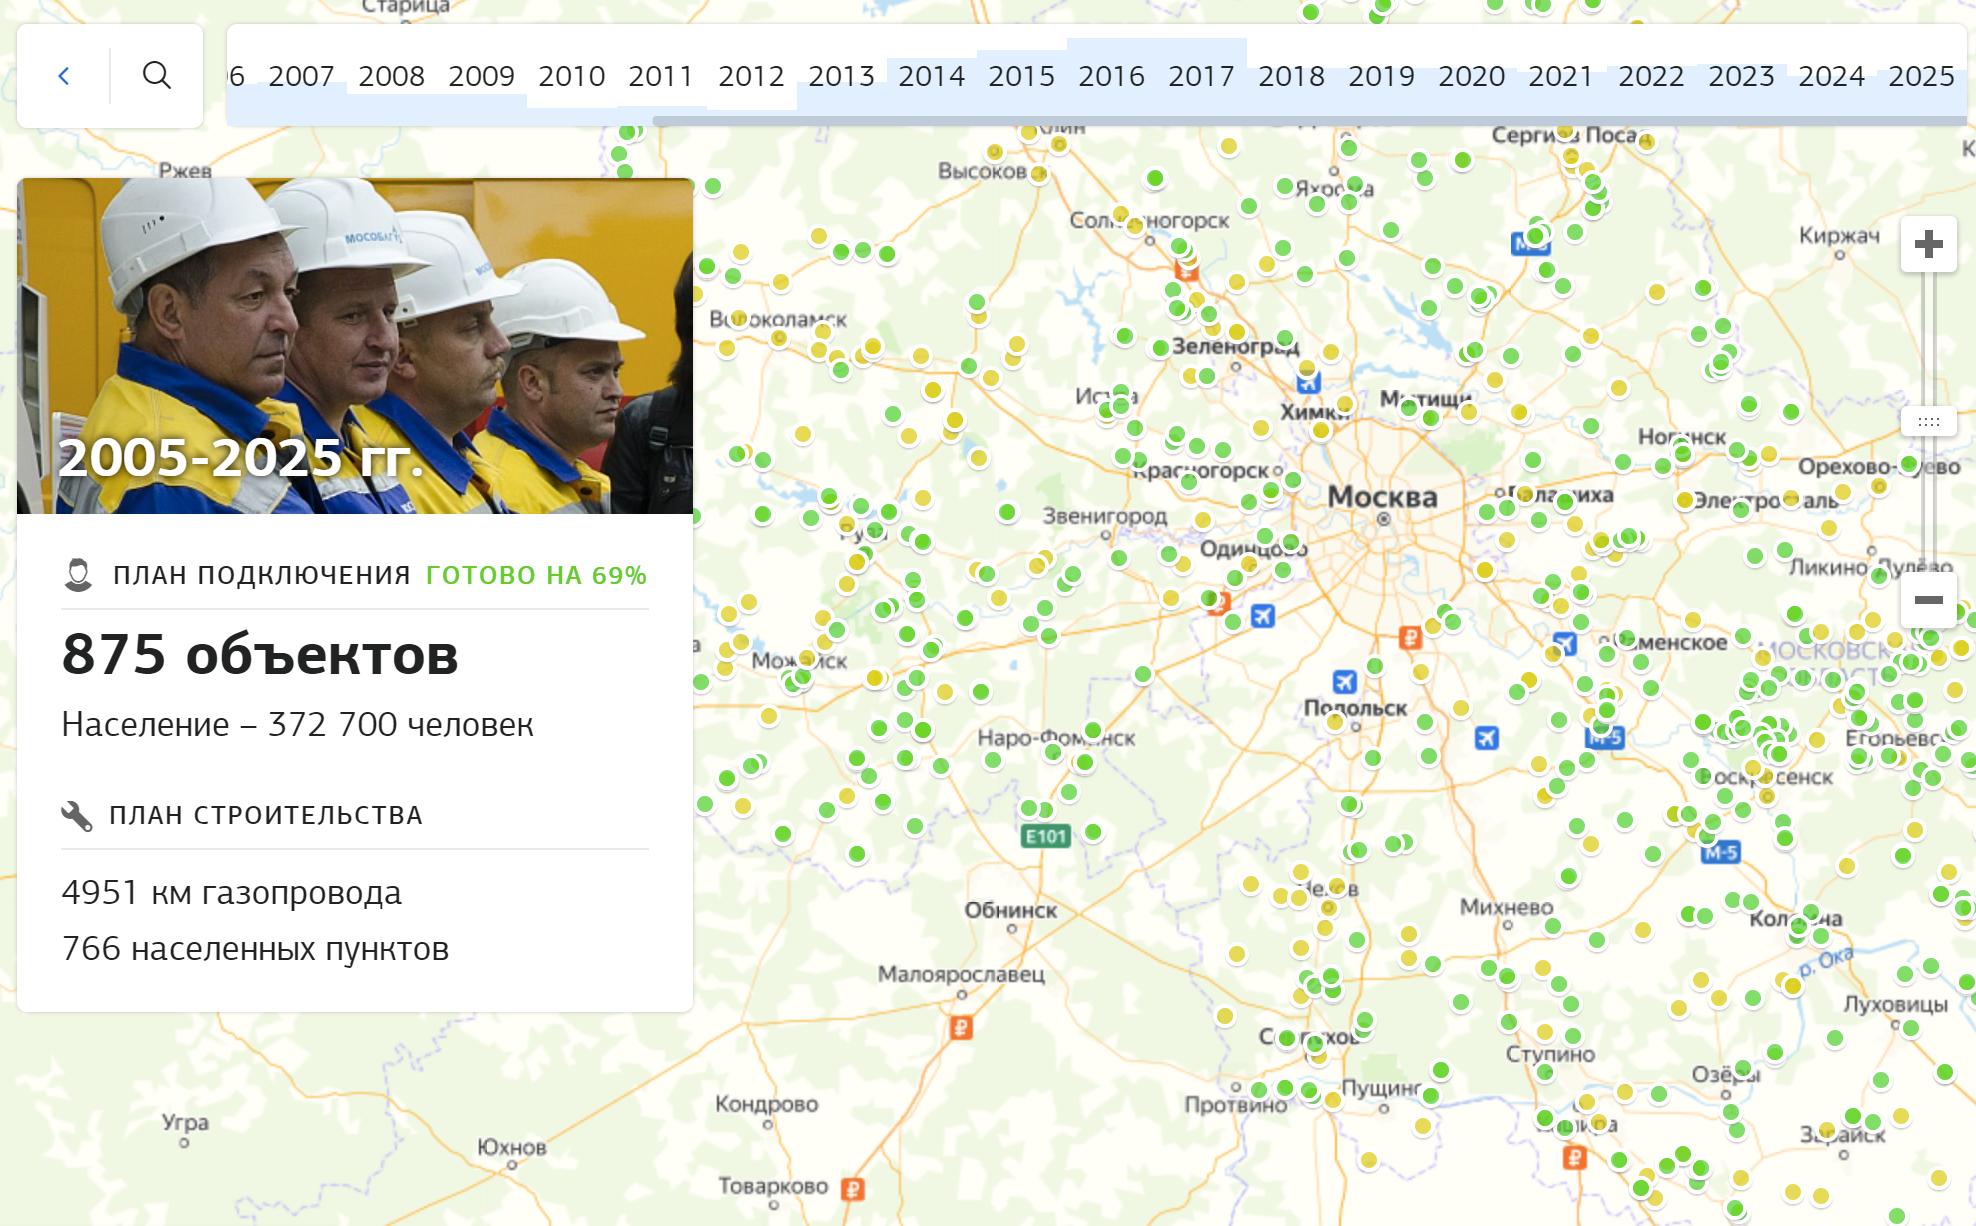 На карте зеленым указаны газифицированные населенные пункты, входящие в программу, а желтым — планируемые. Если у вас дом в Москве или МО, вы можете найти на карте свой и посмотреть, планируетсяли подводить туда газ